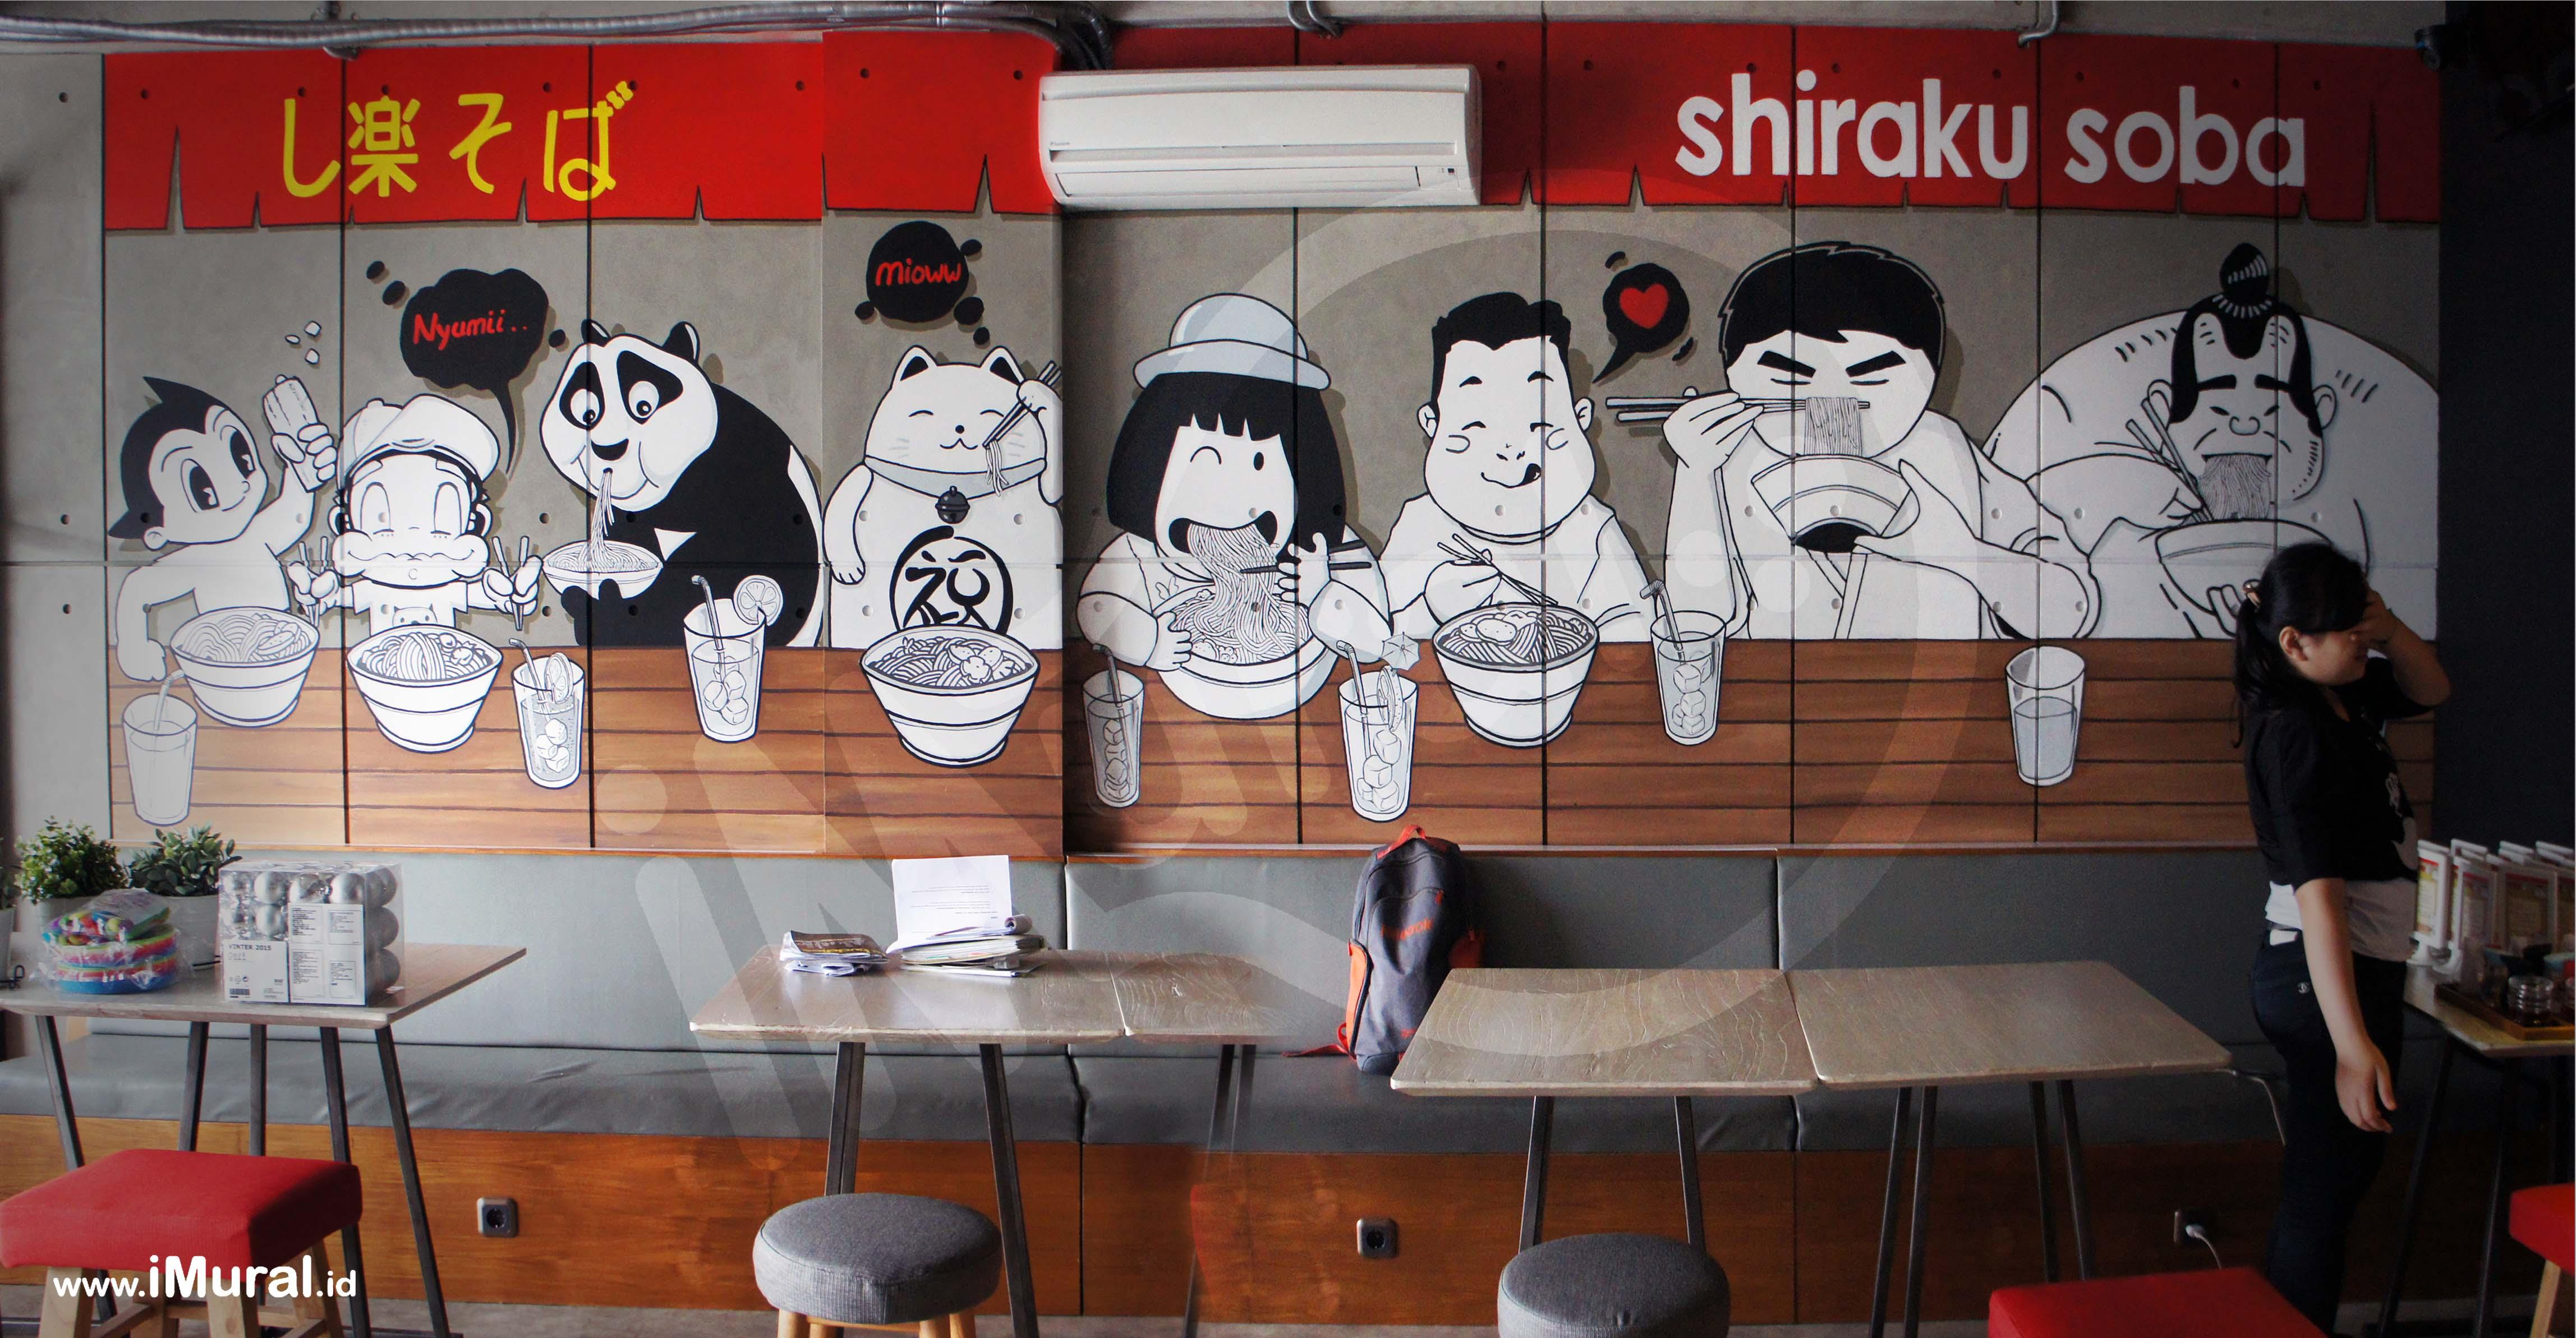 Mural at japanese restaurant imural for Mural untuk cafe